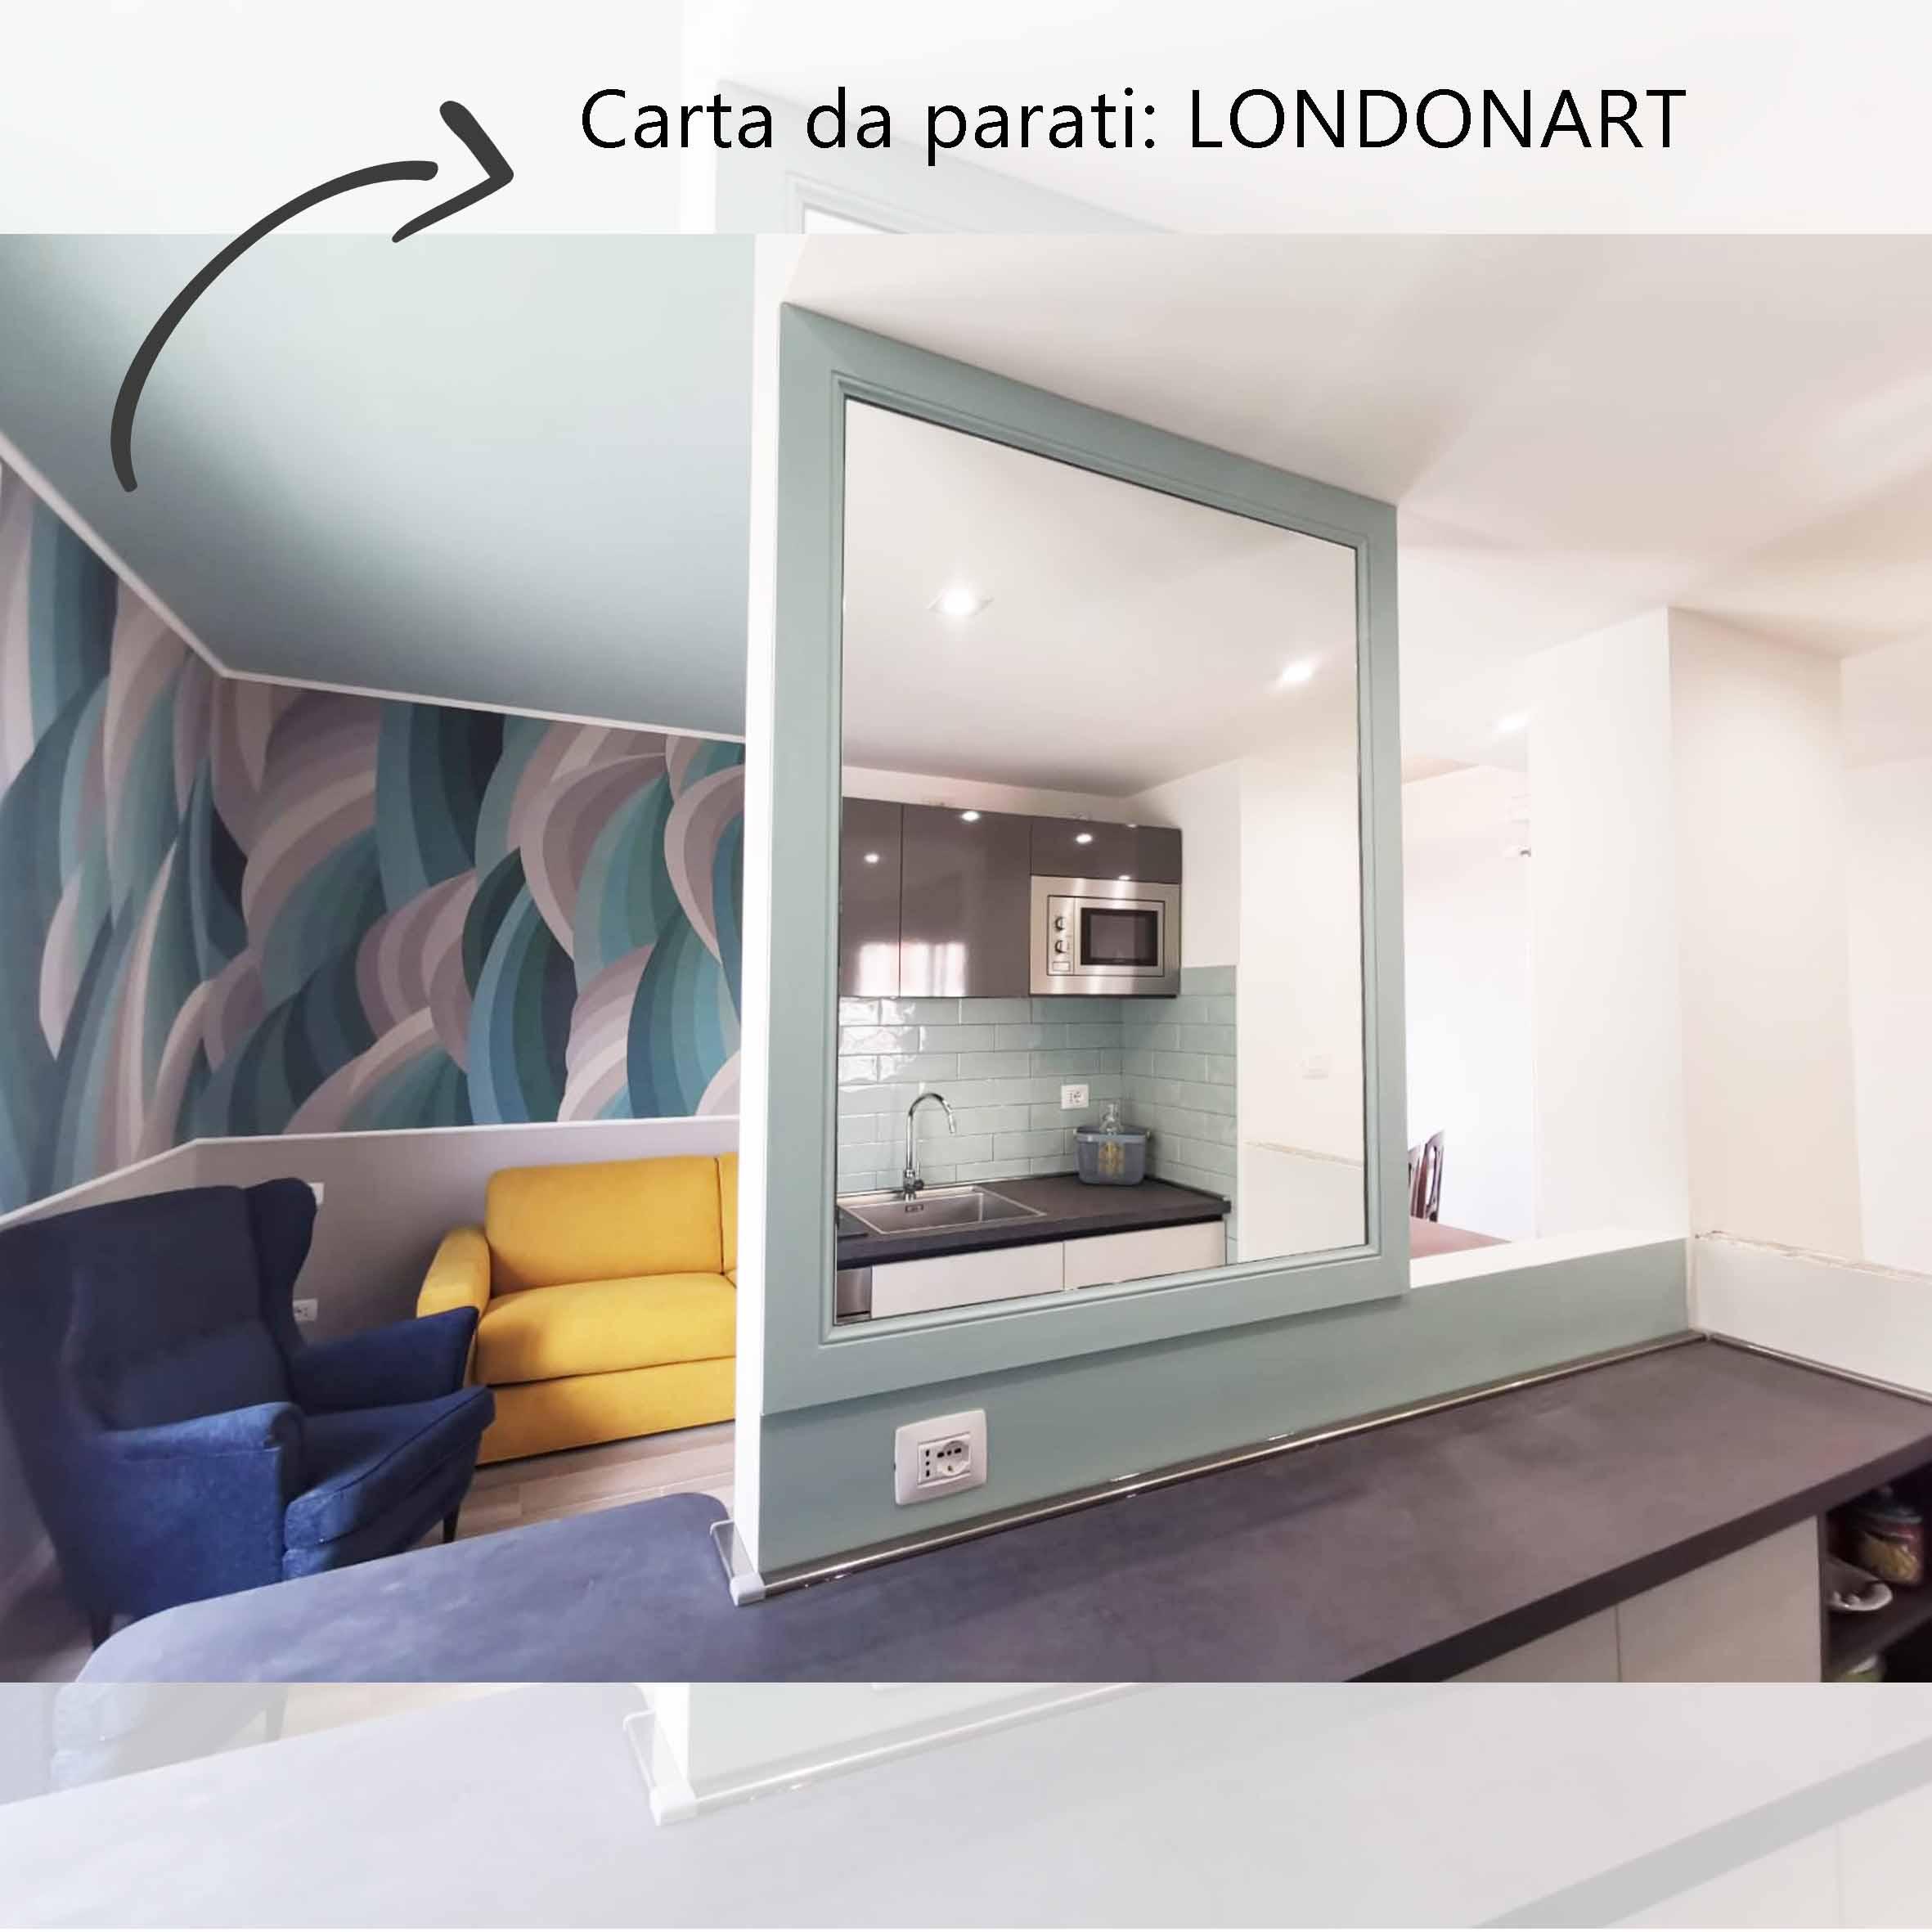 carta da parati-londonart-centro dell'arredamento-savona-realizzazioni